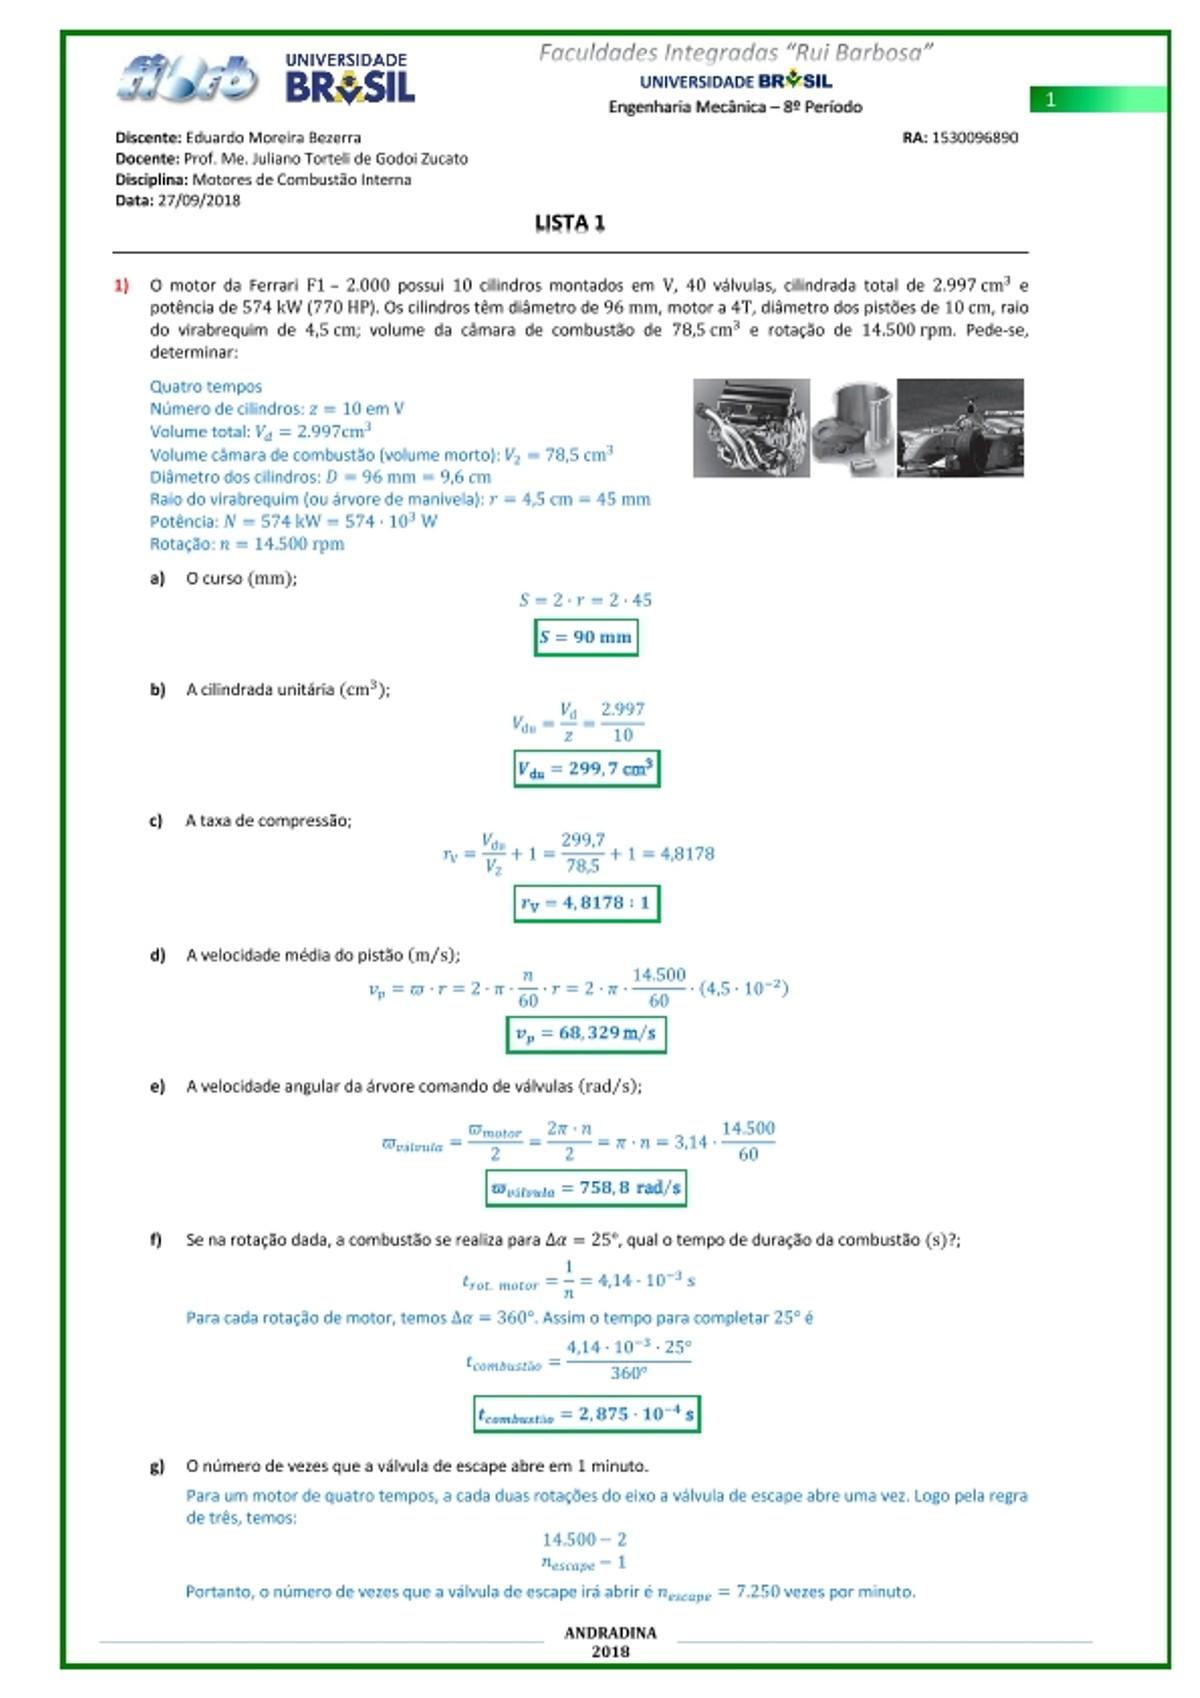 Pre-visualização do material LISTA 1 EXERCÍCIOS MOTORES COMB INTERNA - página 1